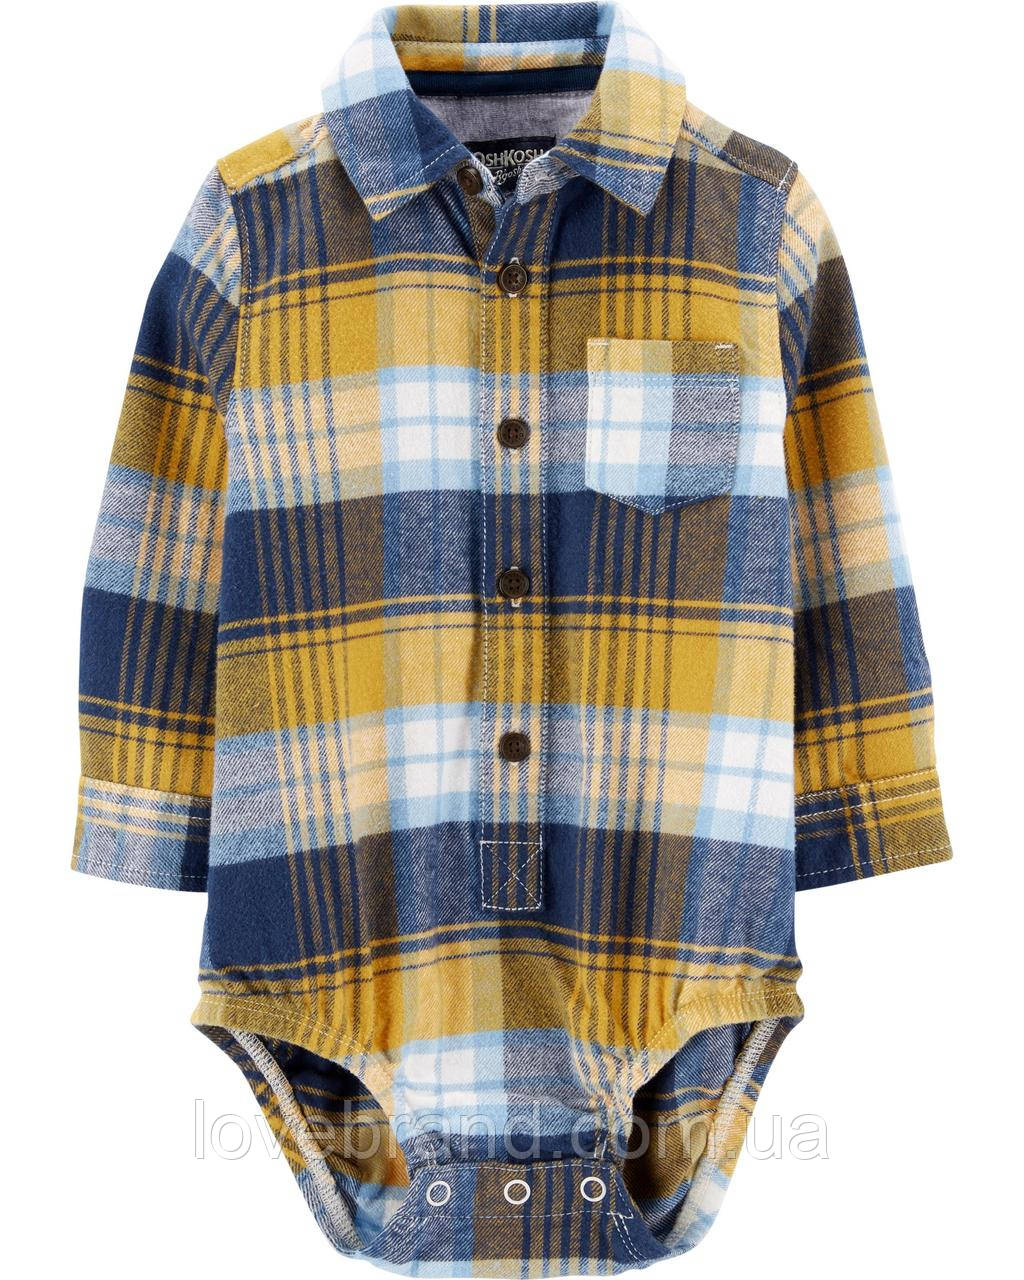 Фланелевая рубашка-боди для мальчика OshKosh (США) горчичная в клеточку 24 мес/83-86 см